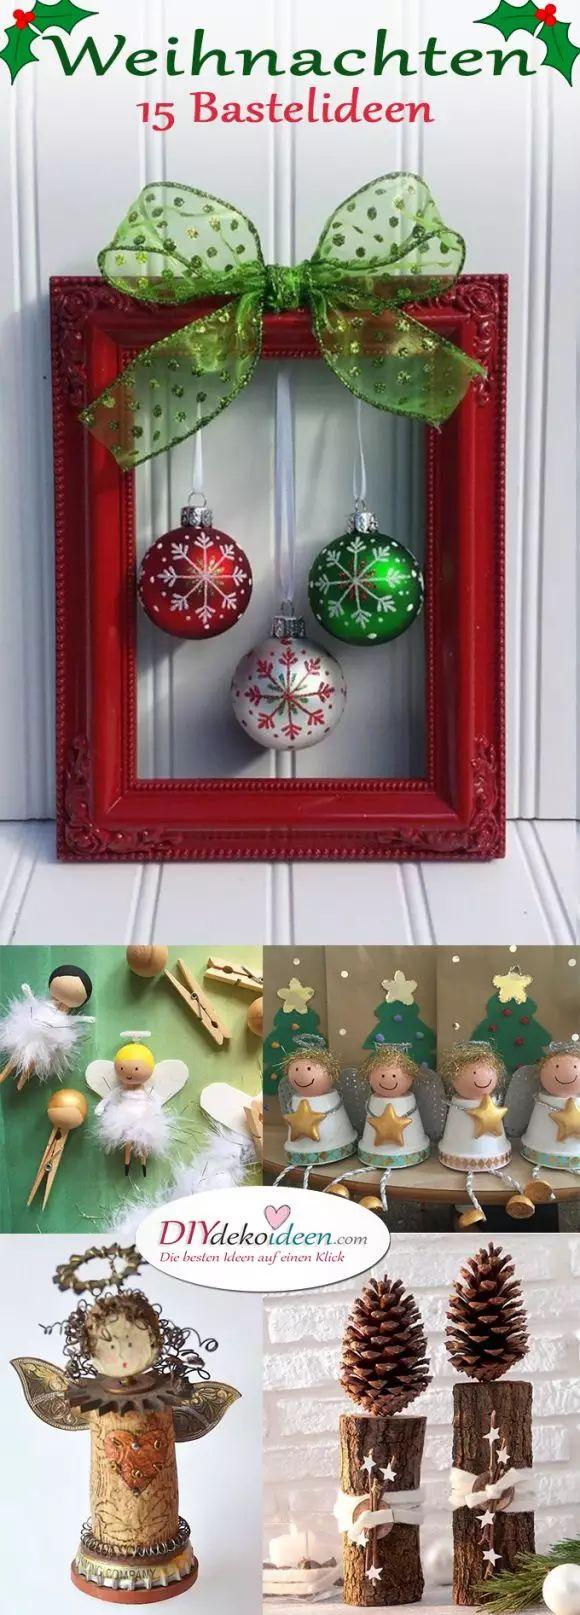 Zu Weihnachten basteln – Wundervolle DIY Bastelideen zum Fest – Maria Jahnel